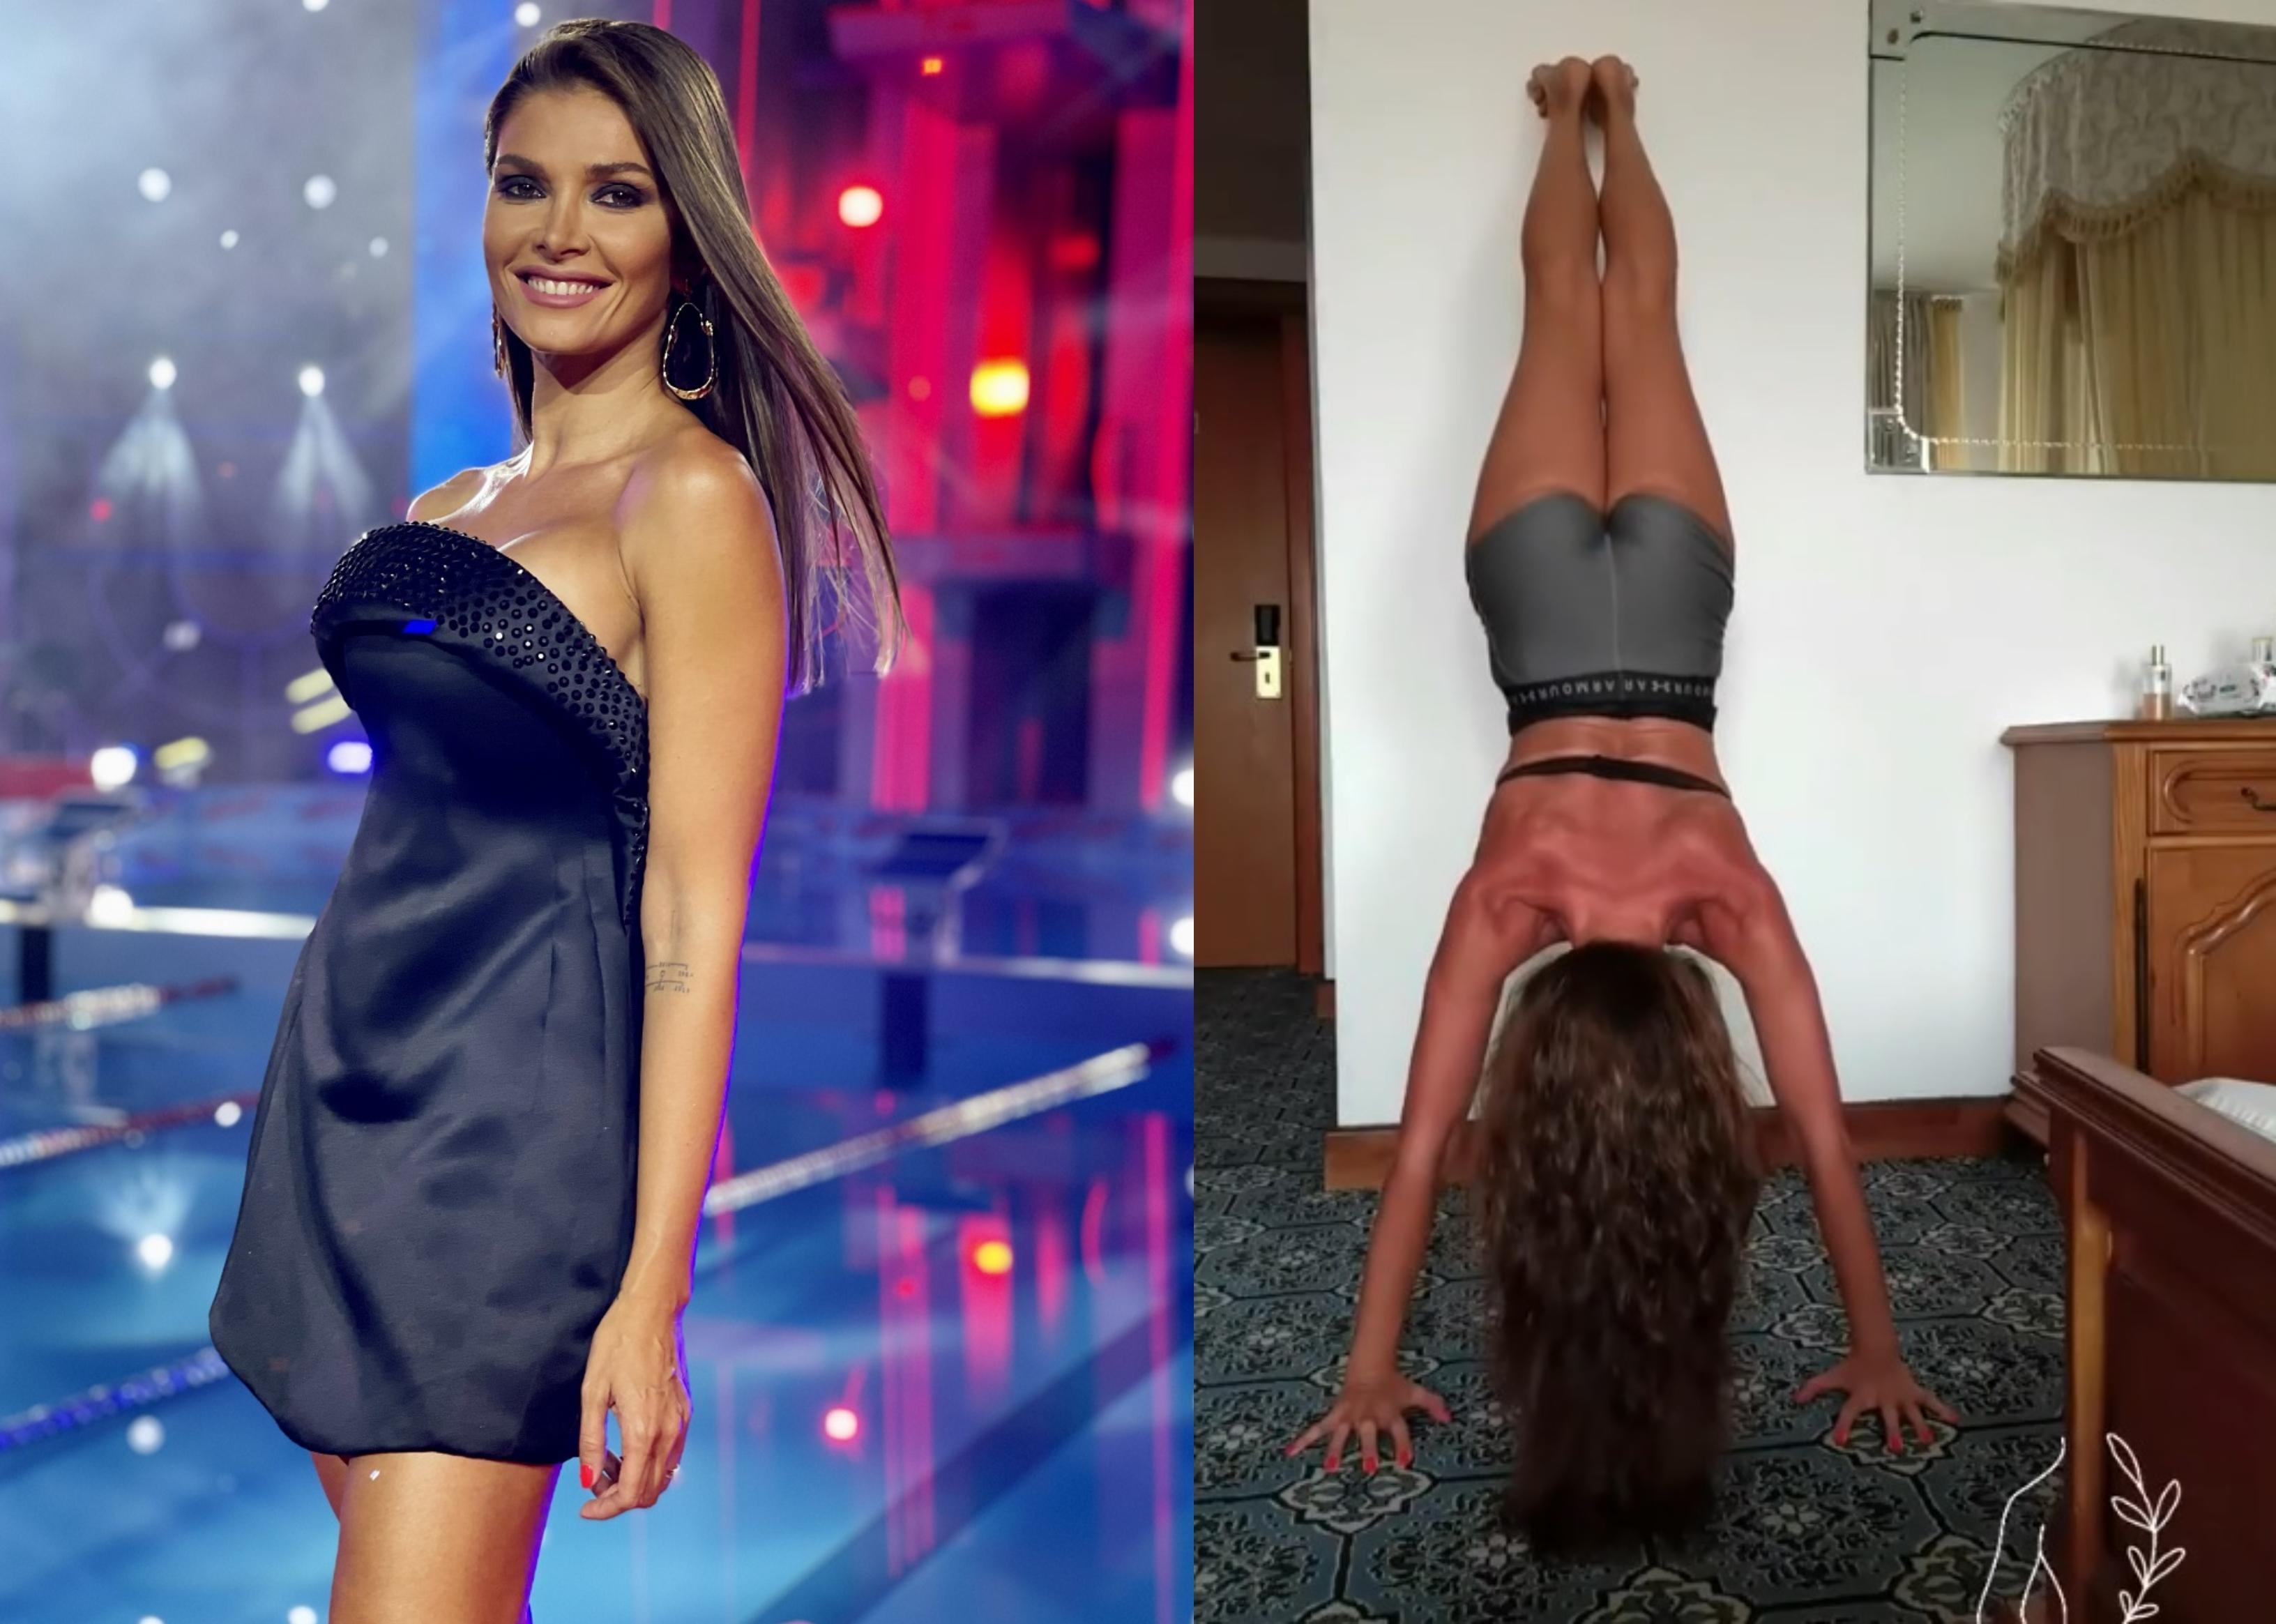 Splash! Vedete la Apă, începând cu 21, 22 august 2021la Antena 1. Alina Pușcaș se antrenează din greu pentru show-ul răcoritor